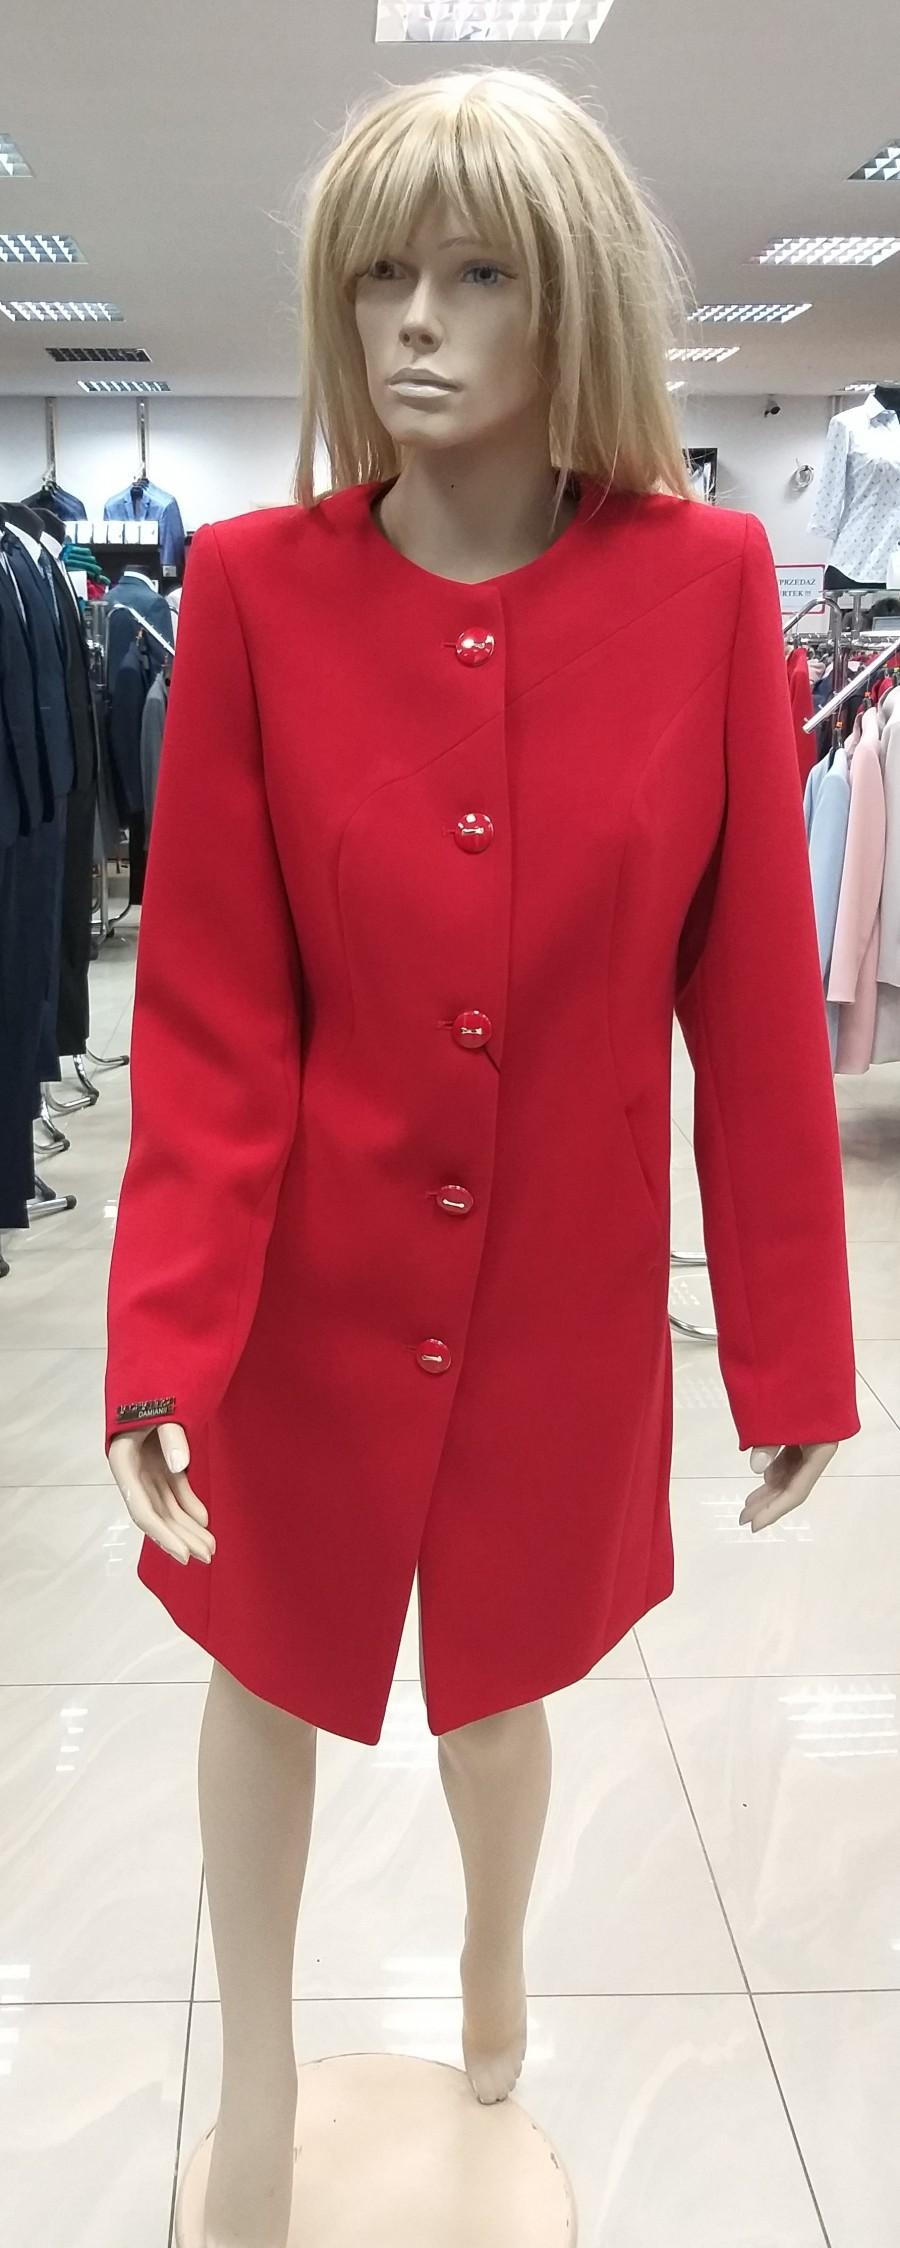 f97afcfebd465 Płaszcze wiosenne 2019 - Kolekcje - Adrianno-Damianii - Płaszcze, kurtki,  garnitury, sukienki, garsonki, garnitury ślubne, niskie ceny, producent.